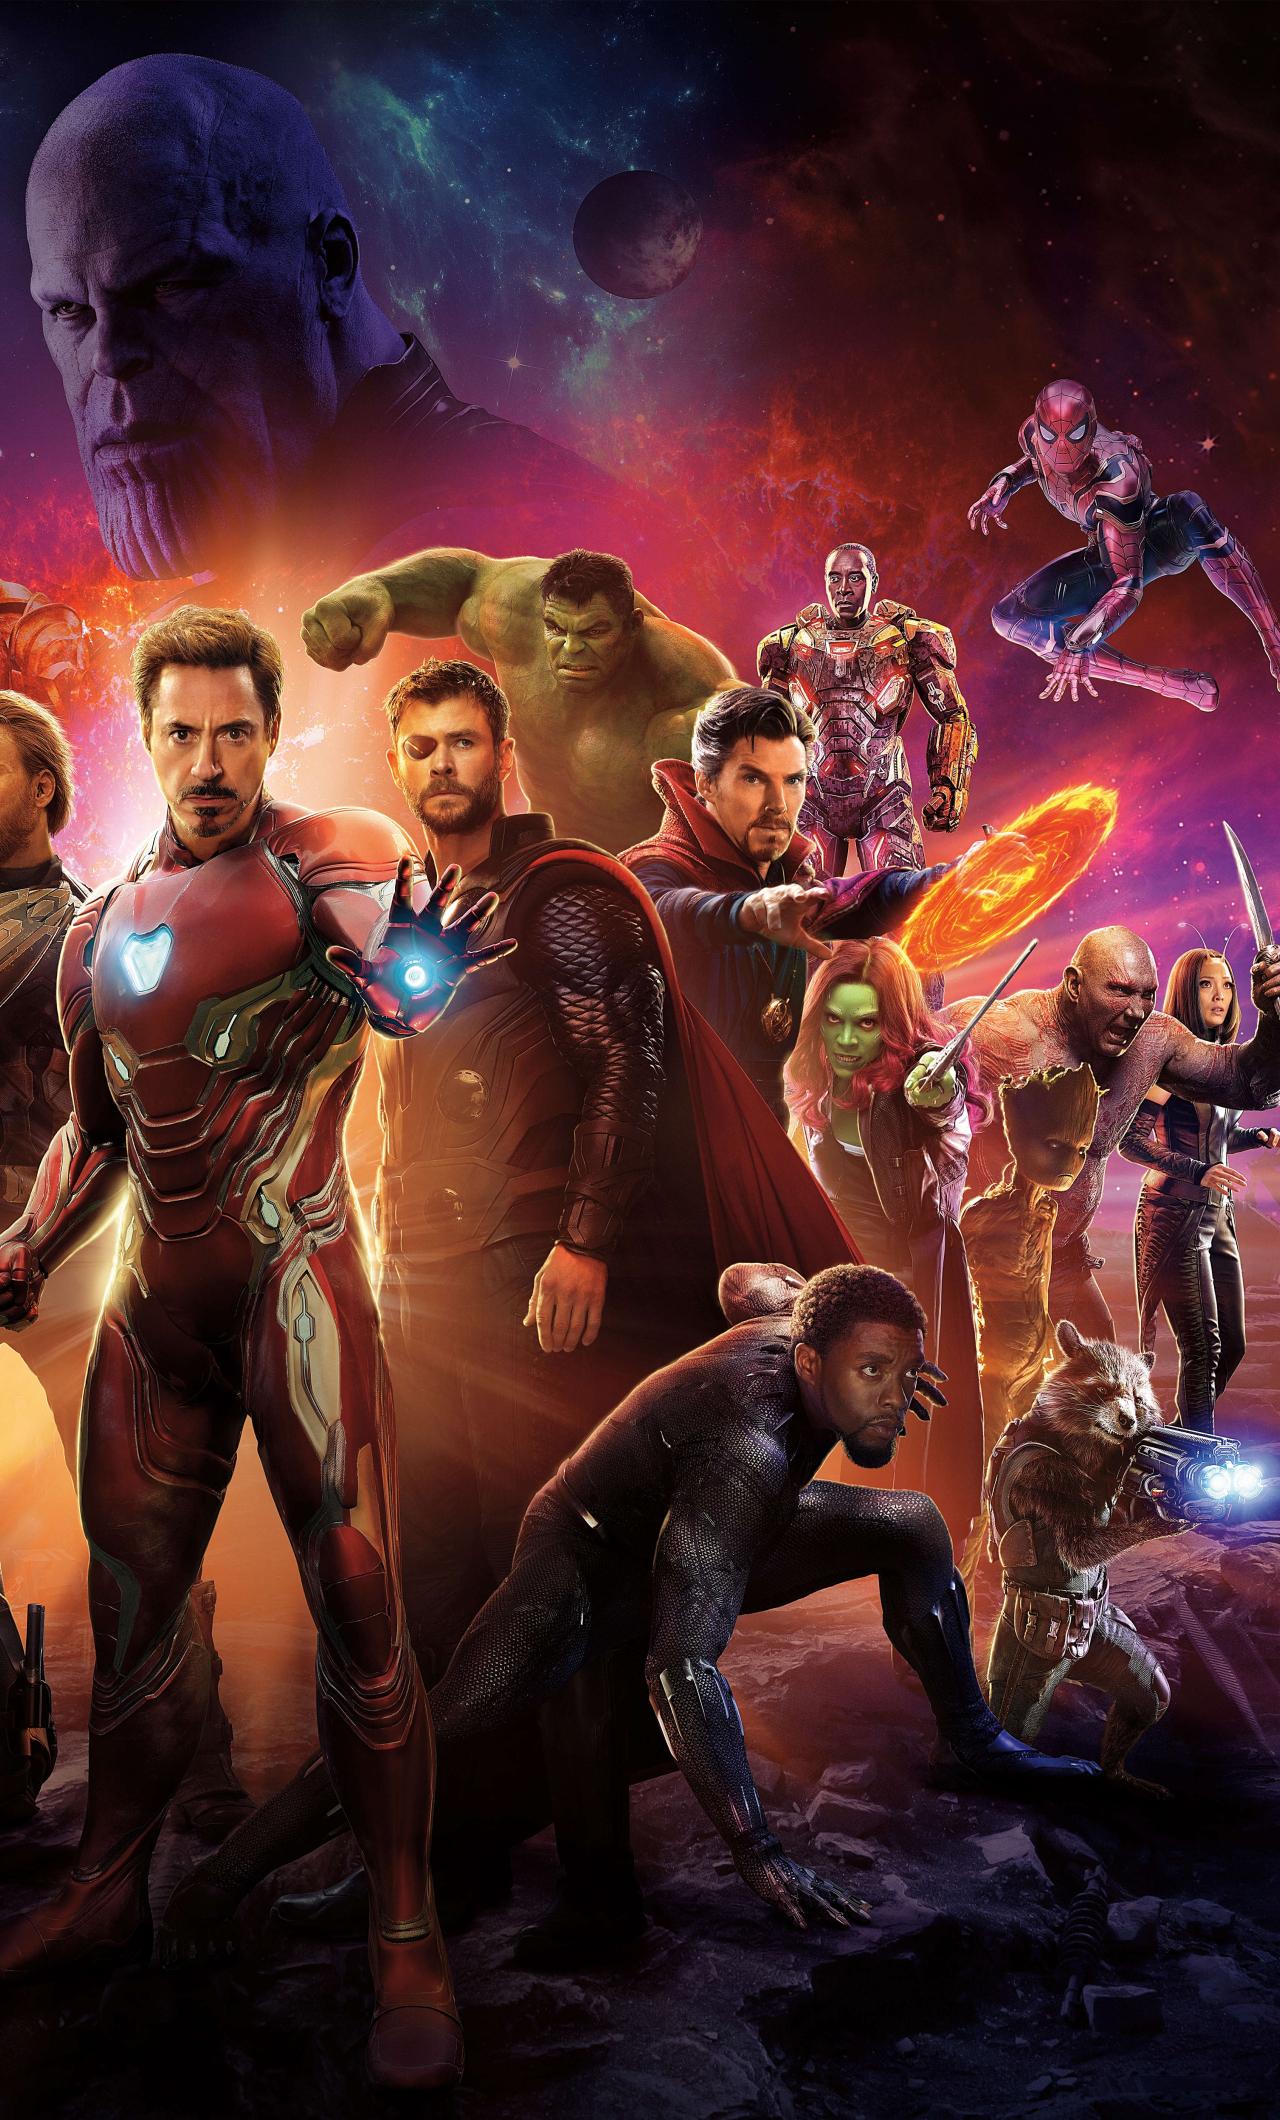 Avengers infinity war international poster hd 10k wallpaper - Avengers infinity war wallpaper iphone ...